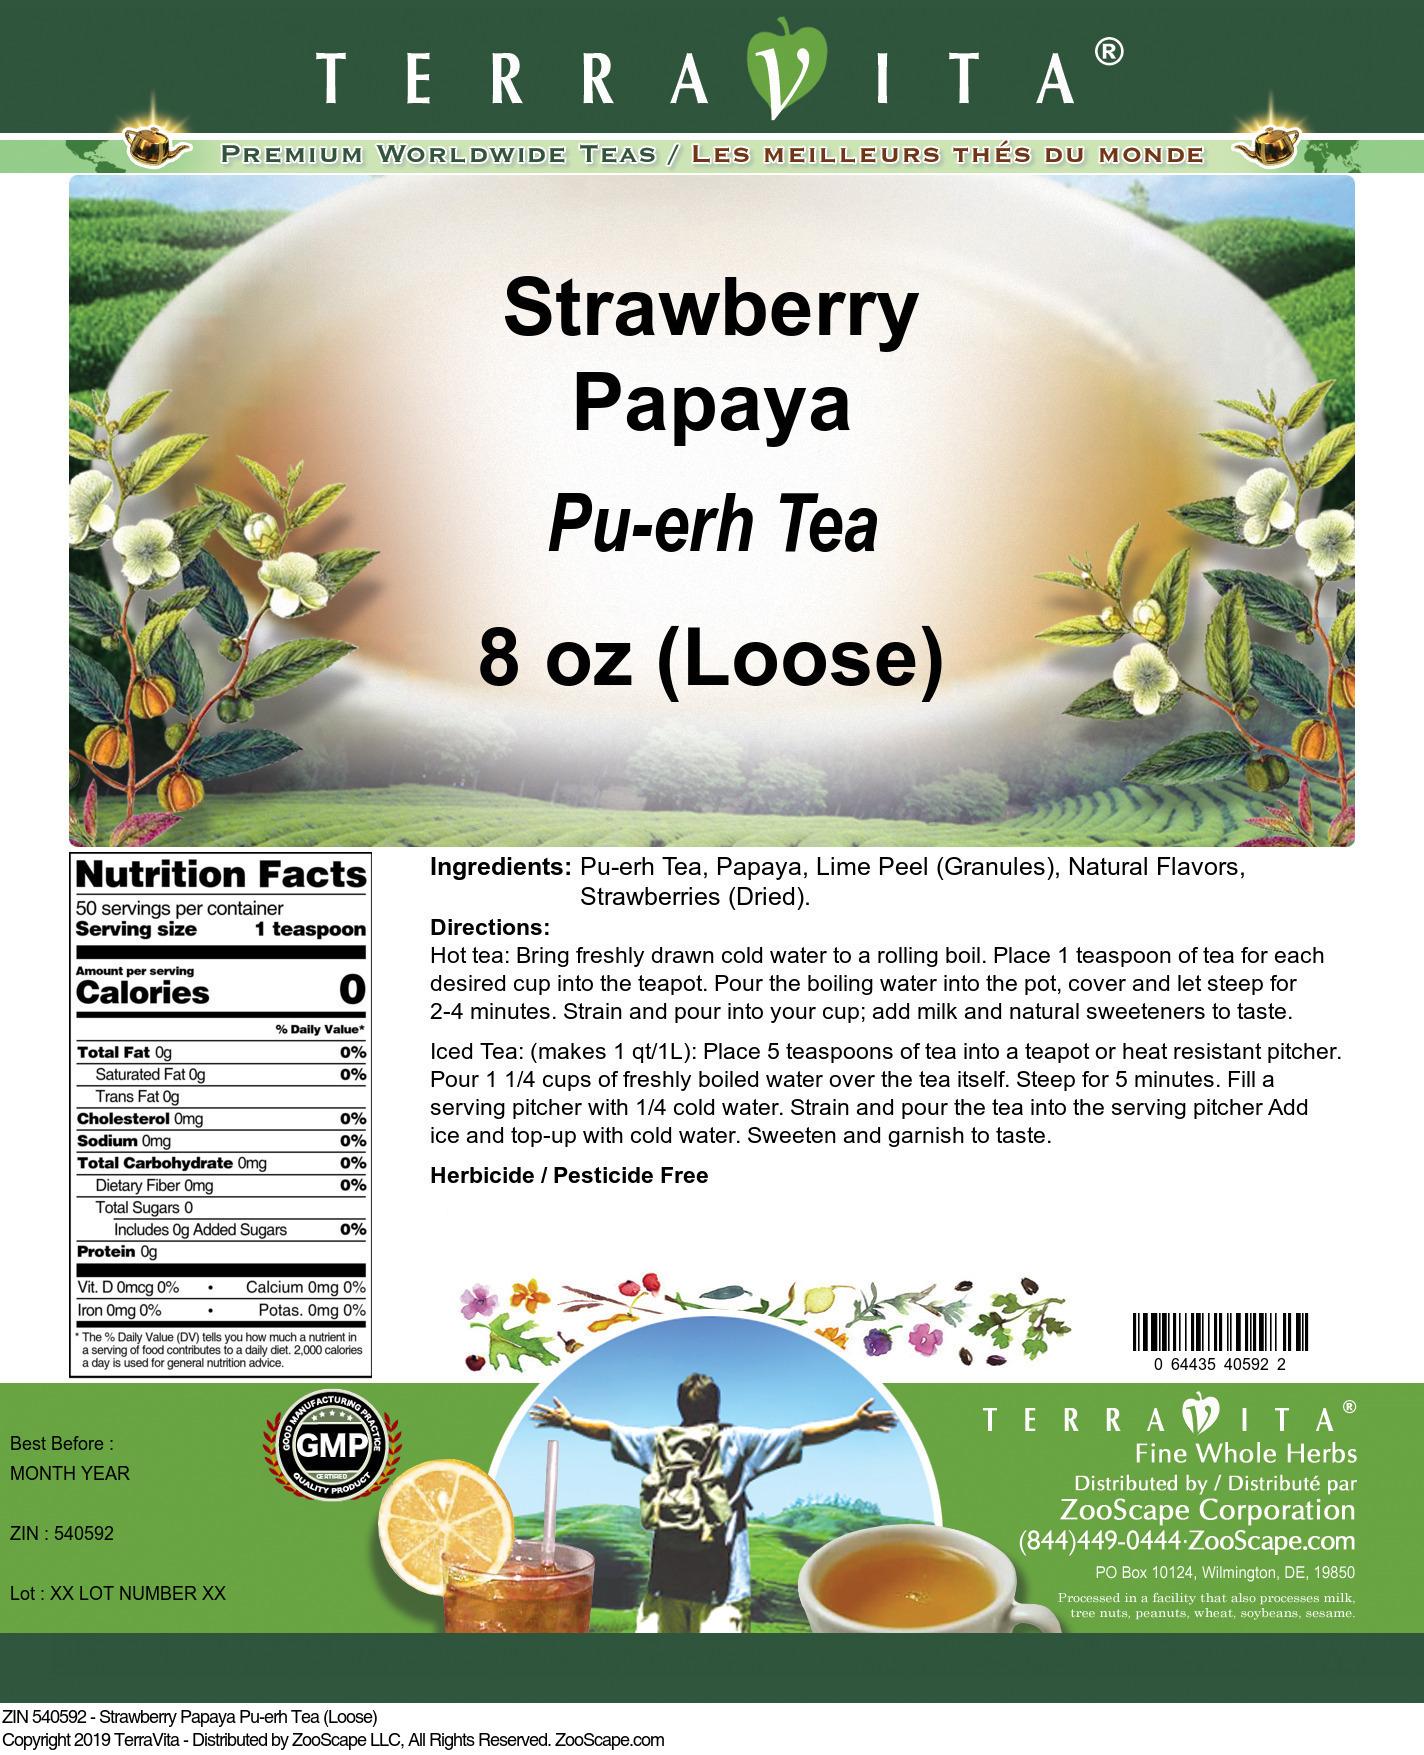 Strawberry Papaya Pu-erh Tea